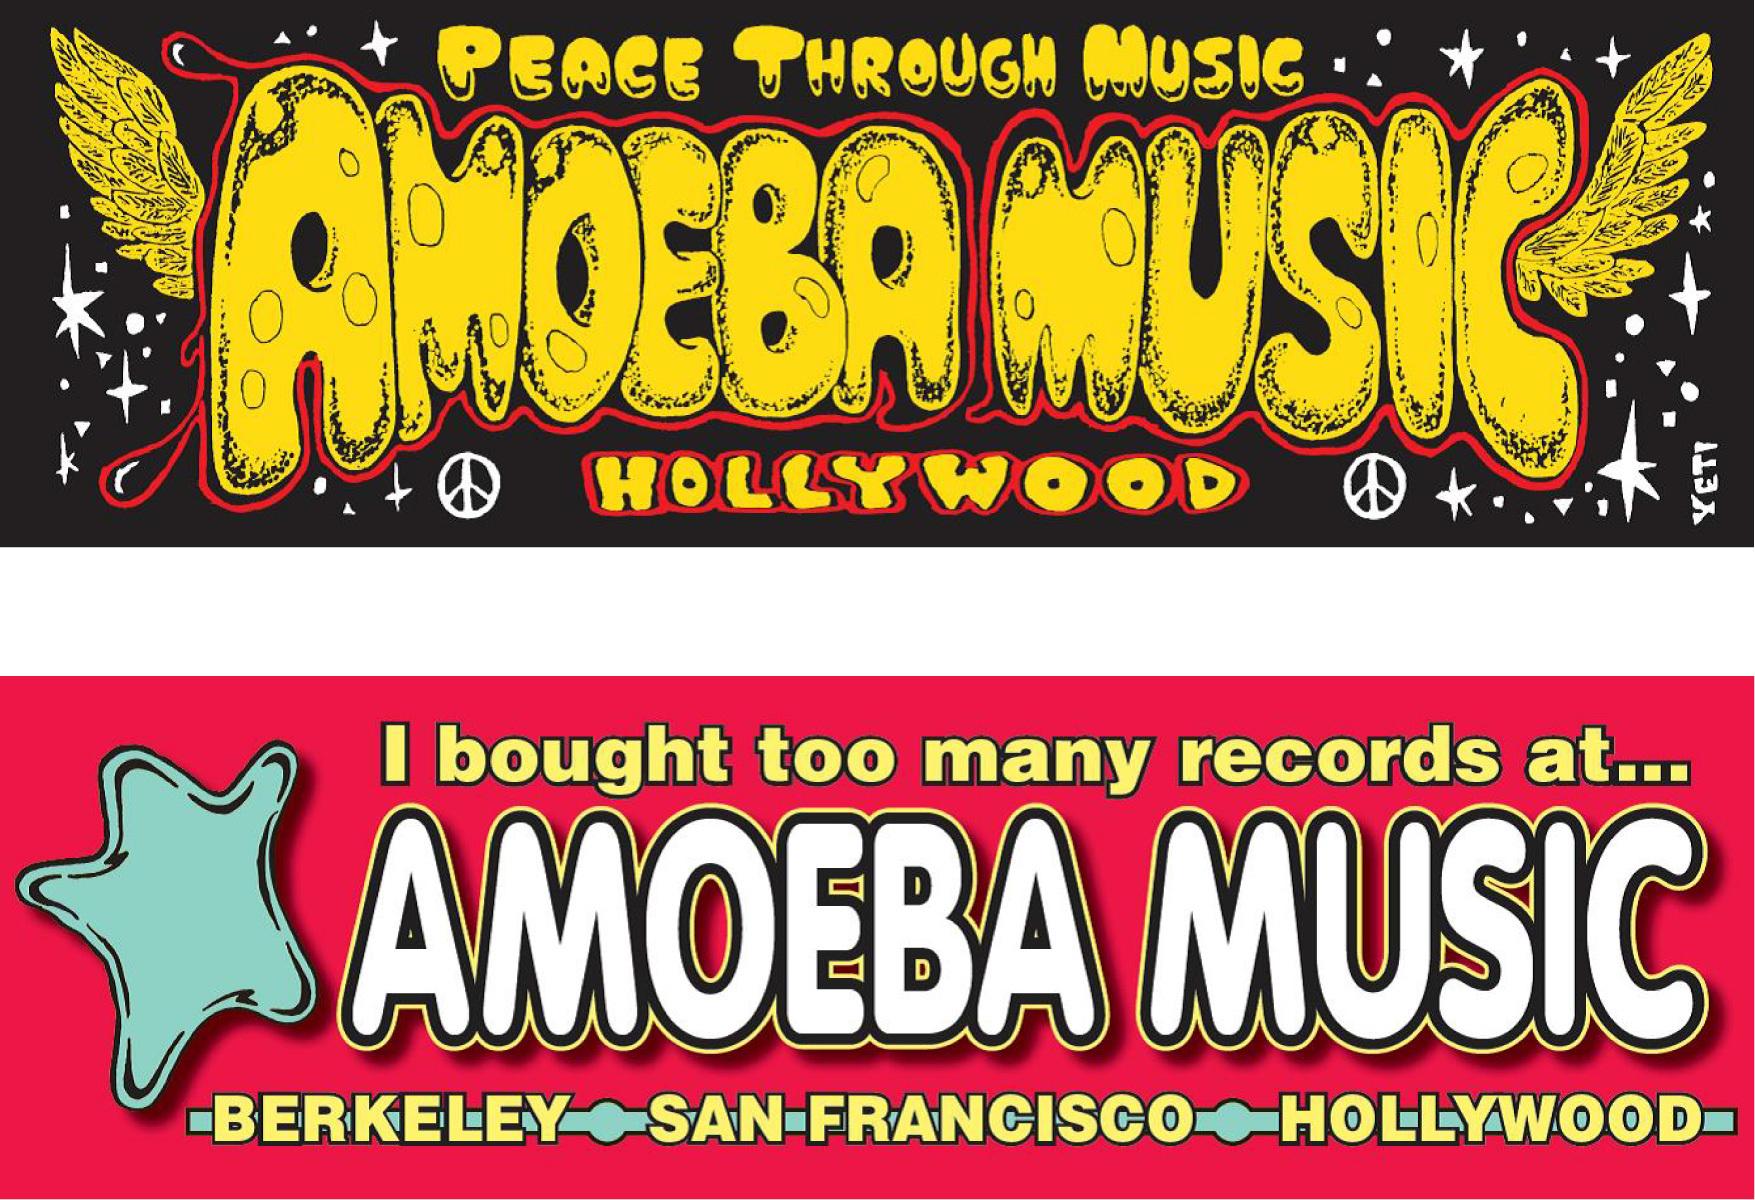 品番0280 Amoeba Music アメーバミュージック 『HOLLYWOOD ハリウッド』 バンパーステッカー シール アメリカン雑貨 新品雑貨